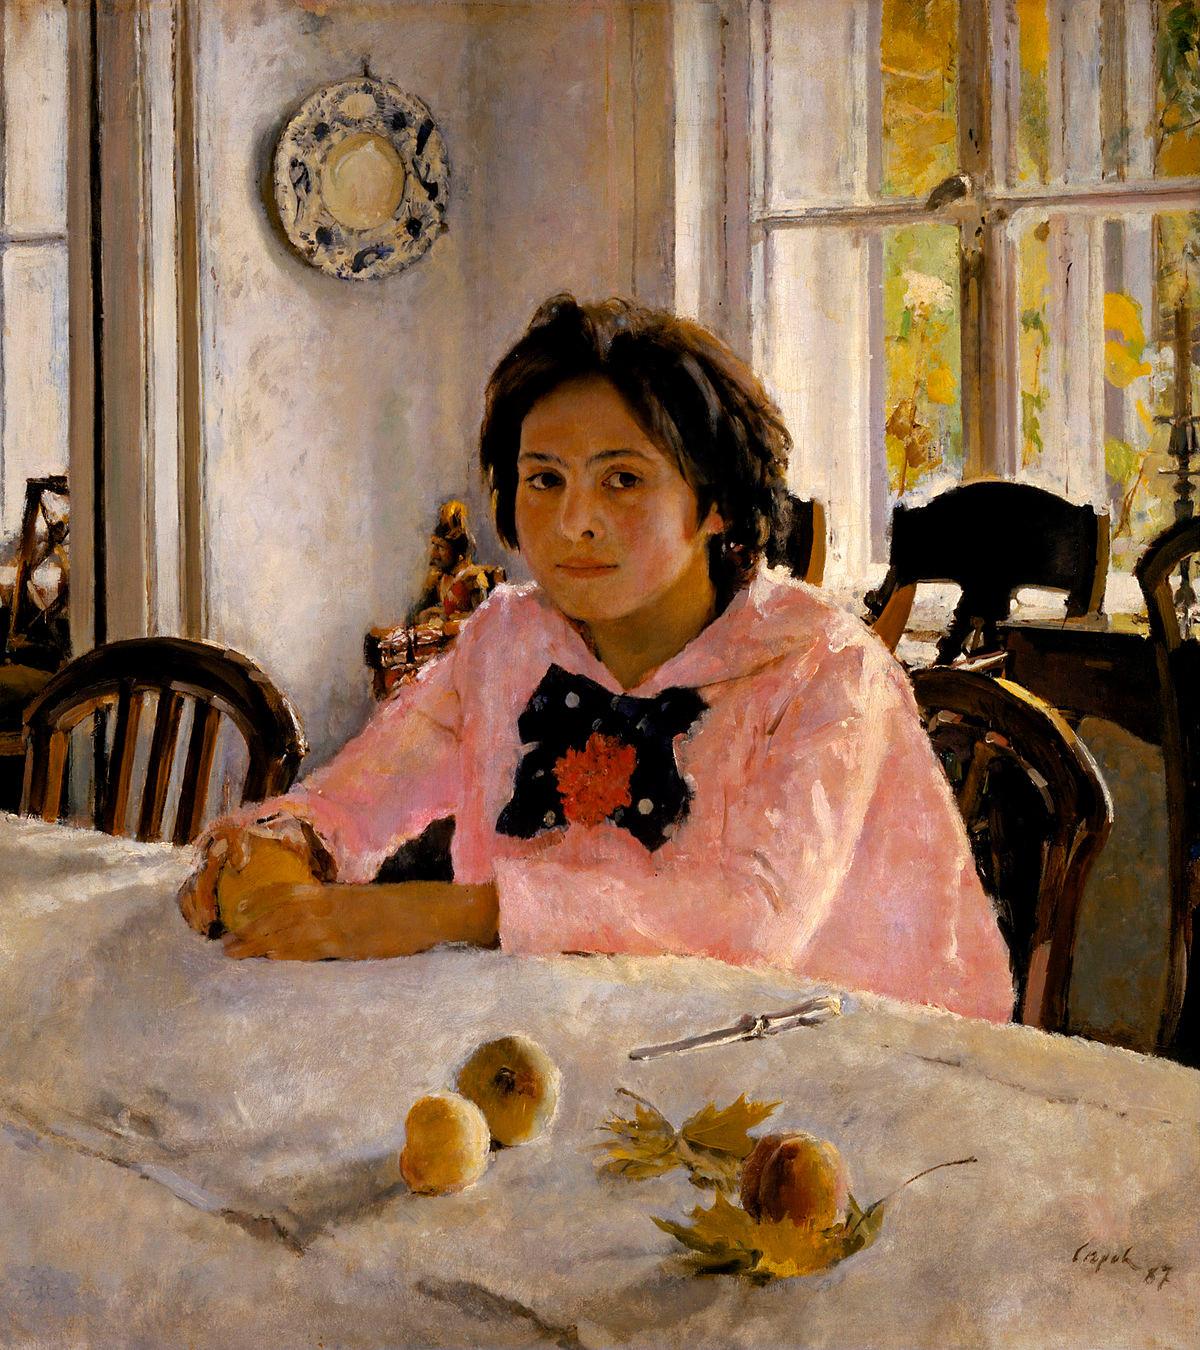 ヴァレンティン・セローフ作『桃を持った少女』、1887年